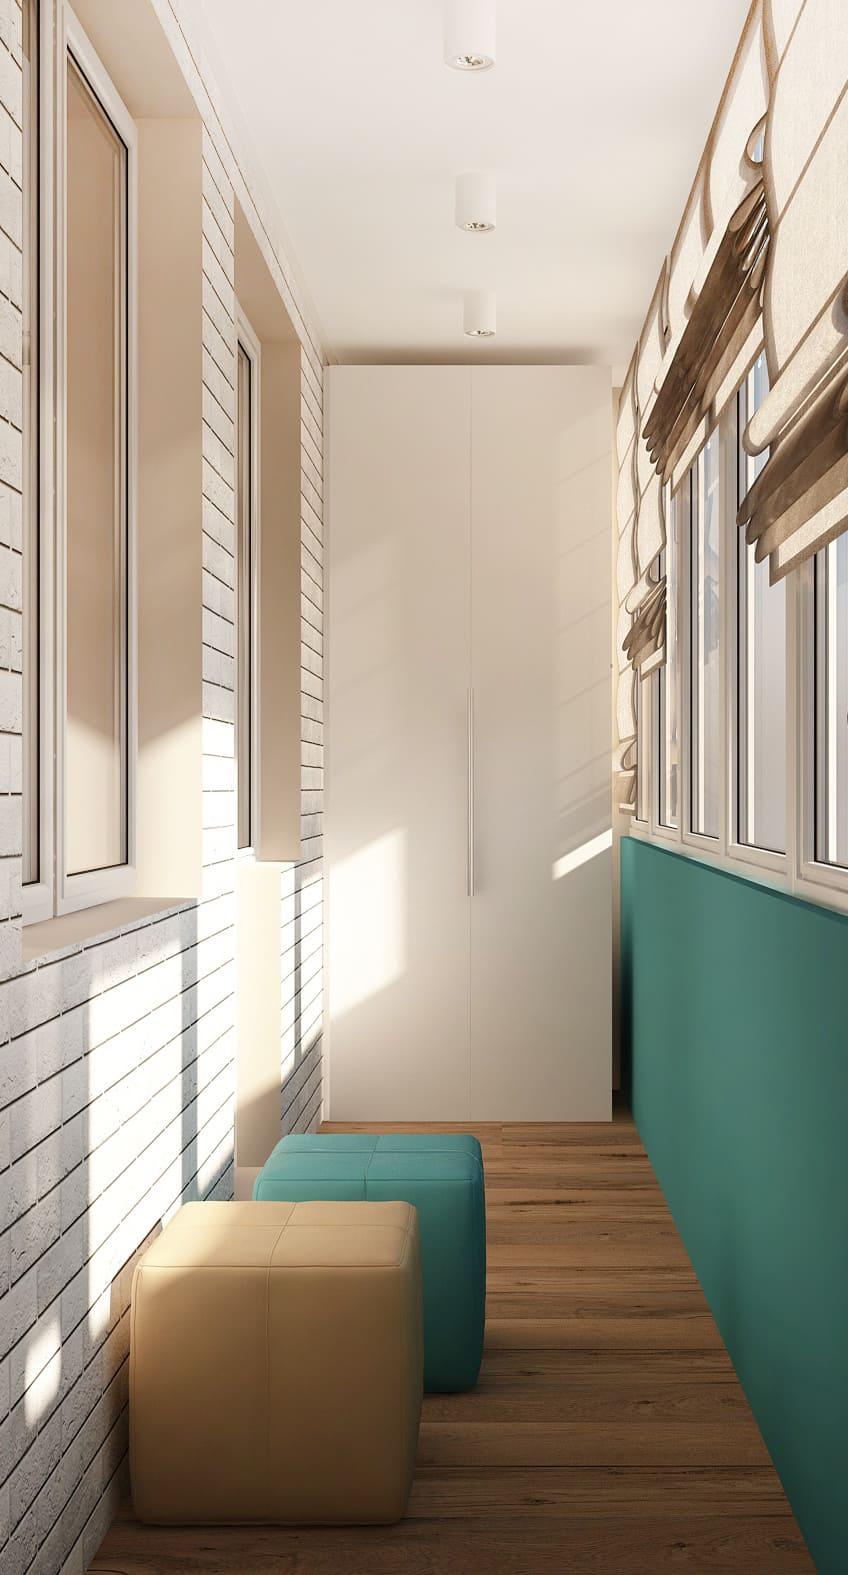 Визуализация лоджии в бирюзовых оттенках 6 кв.м, бирюзовый пуф, белый шкаф, бежевый пуф, белые накладные светильники